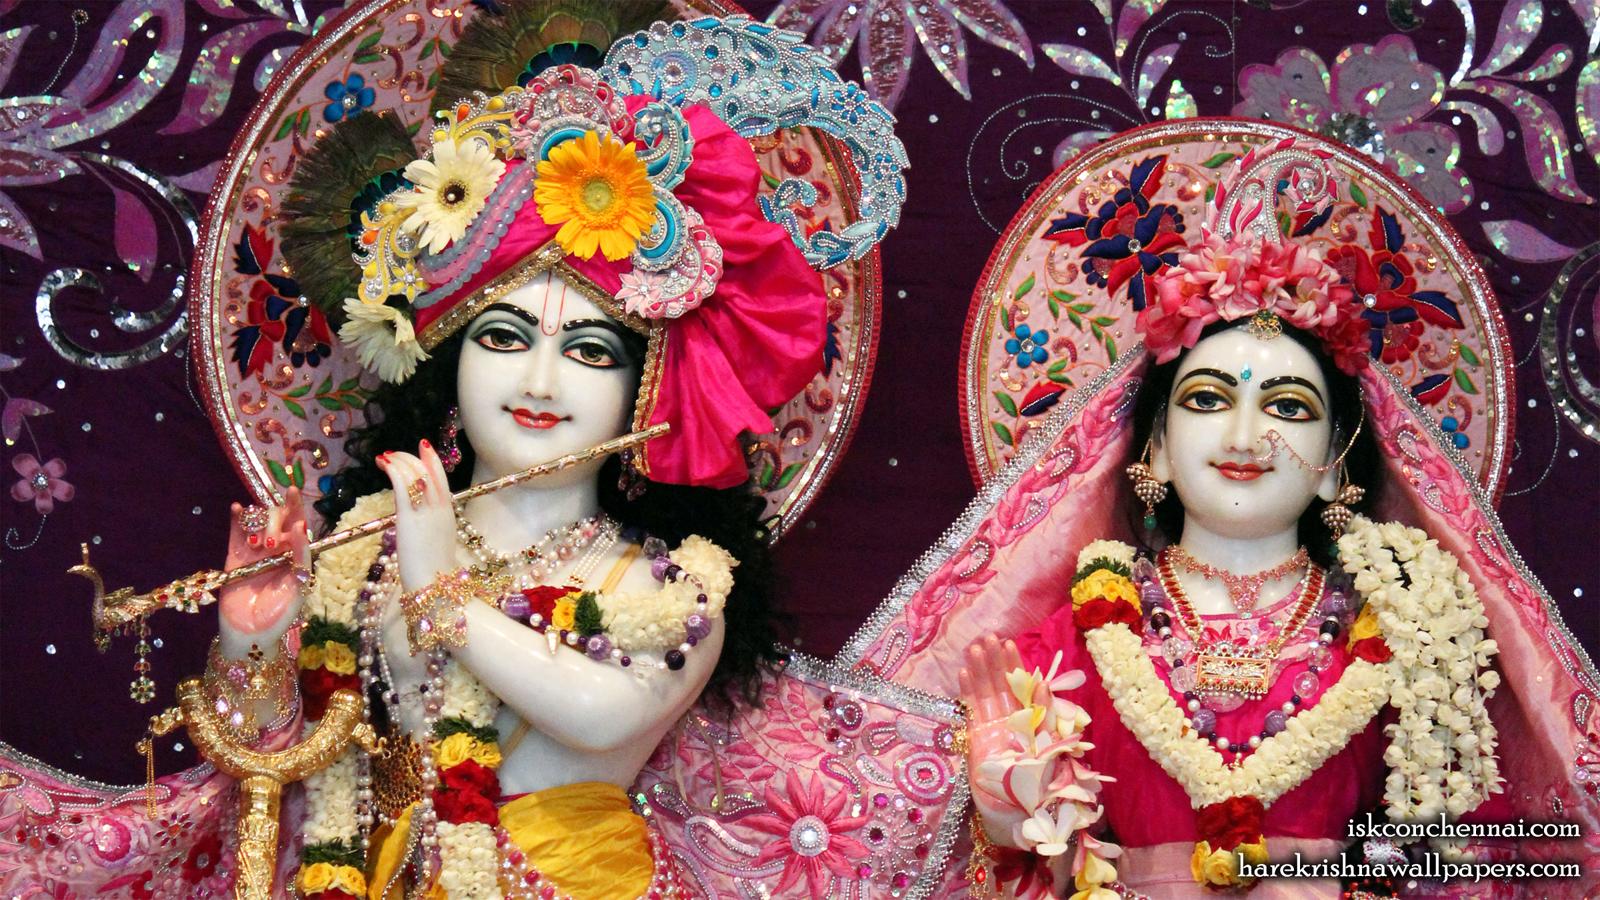 Sri Sri Radha Krishna Close up Wallpaper (001) Size 1600x900 Download